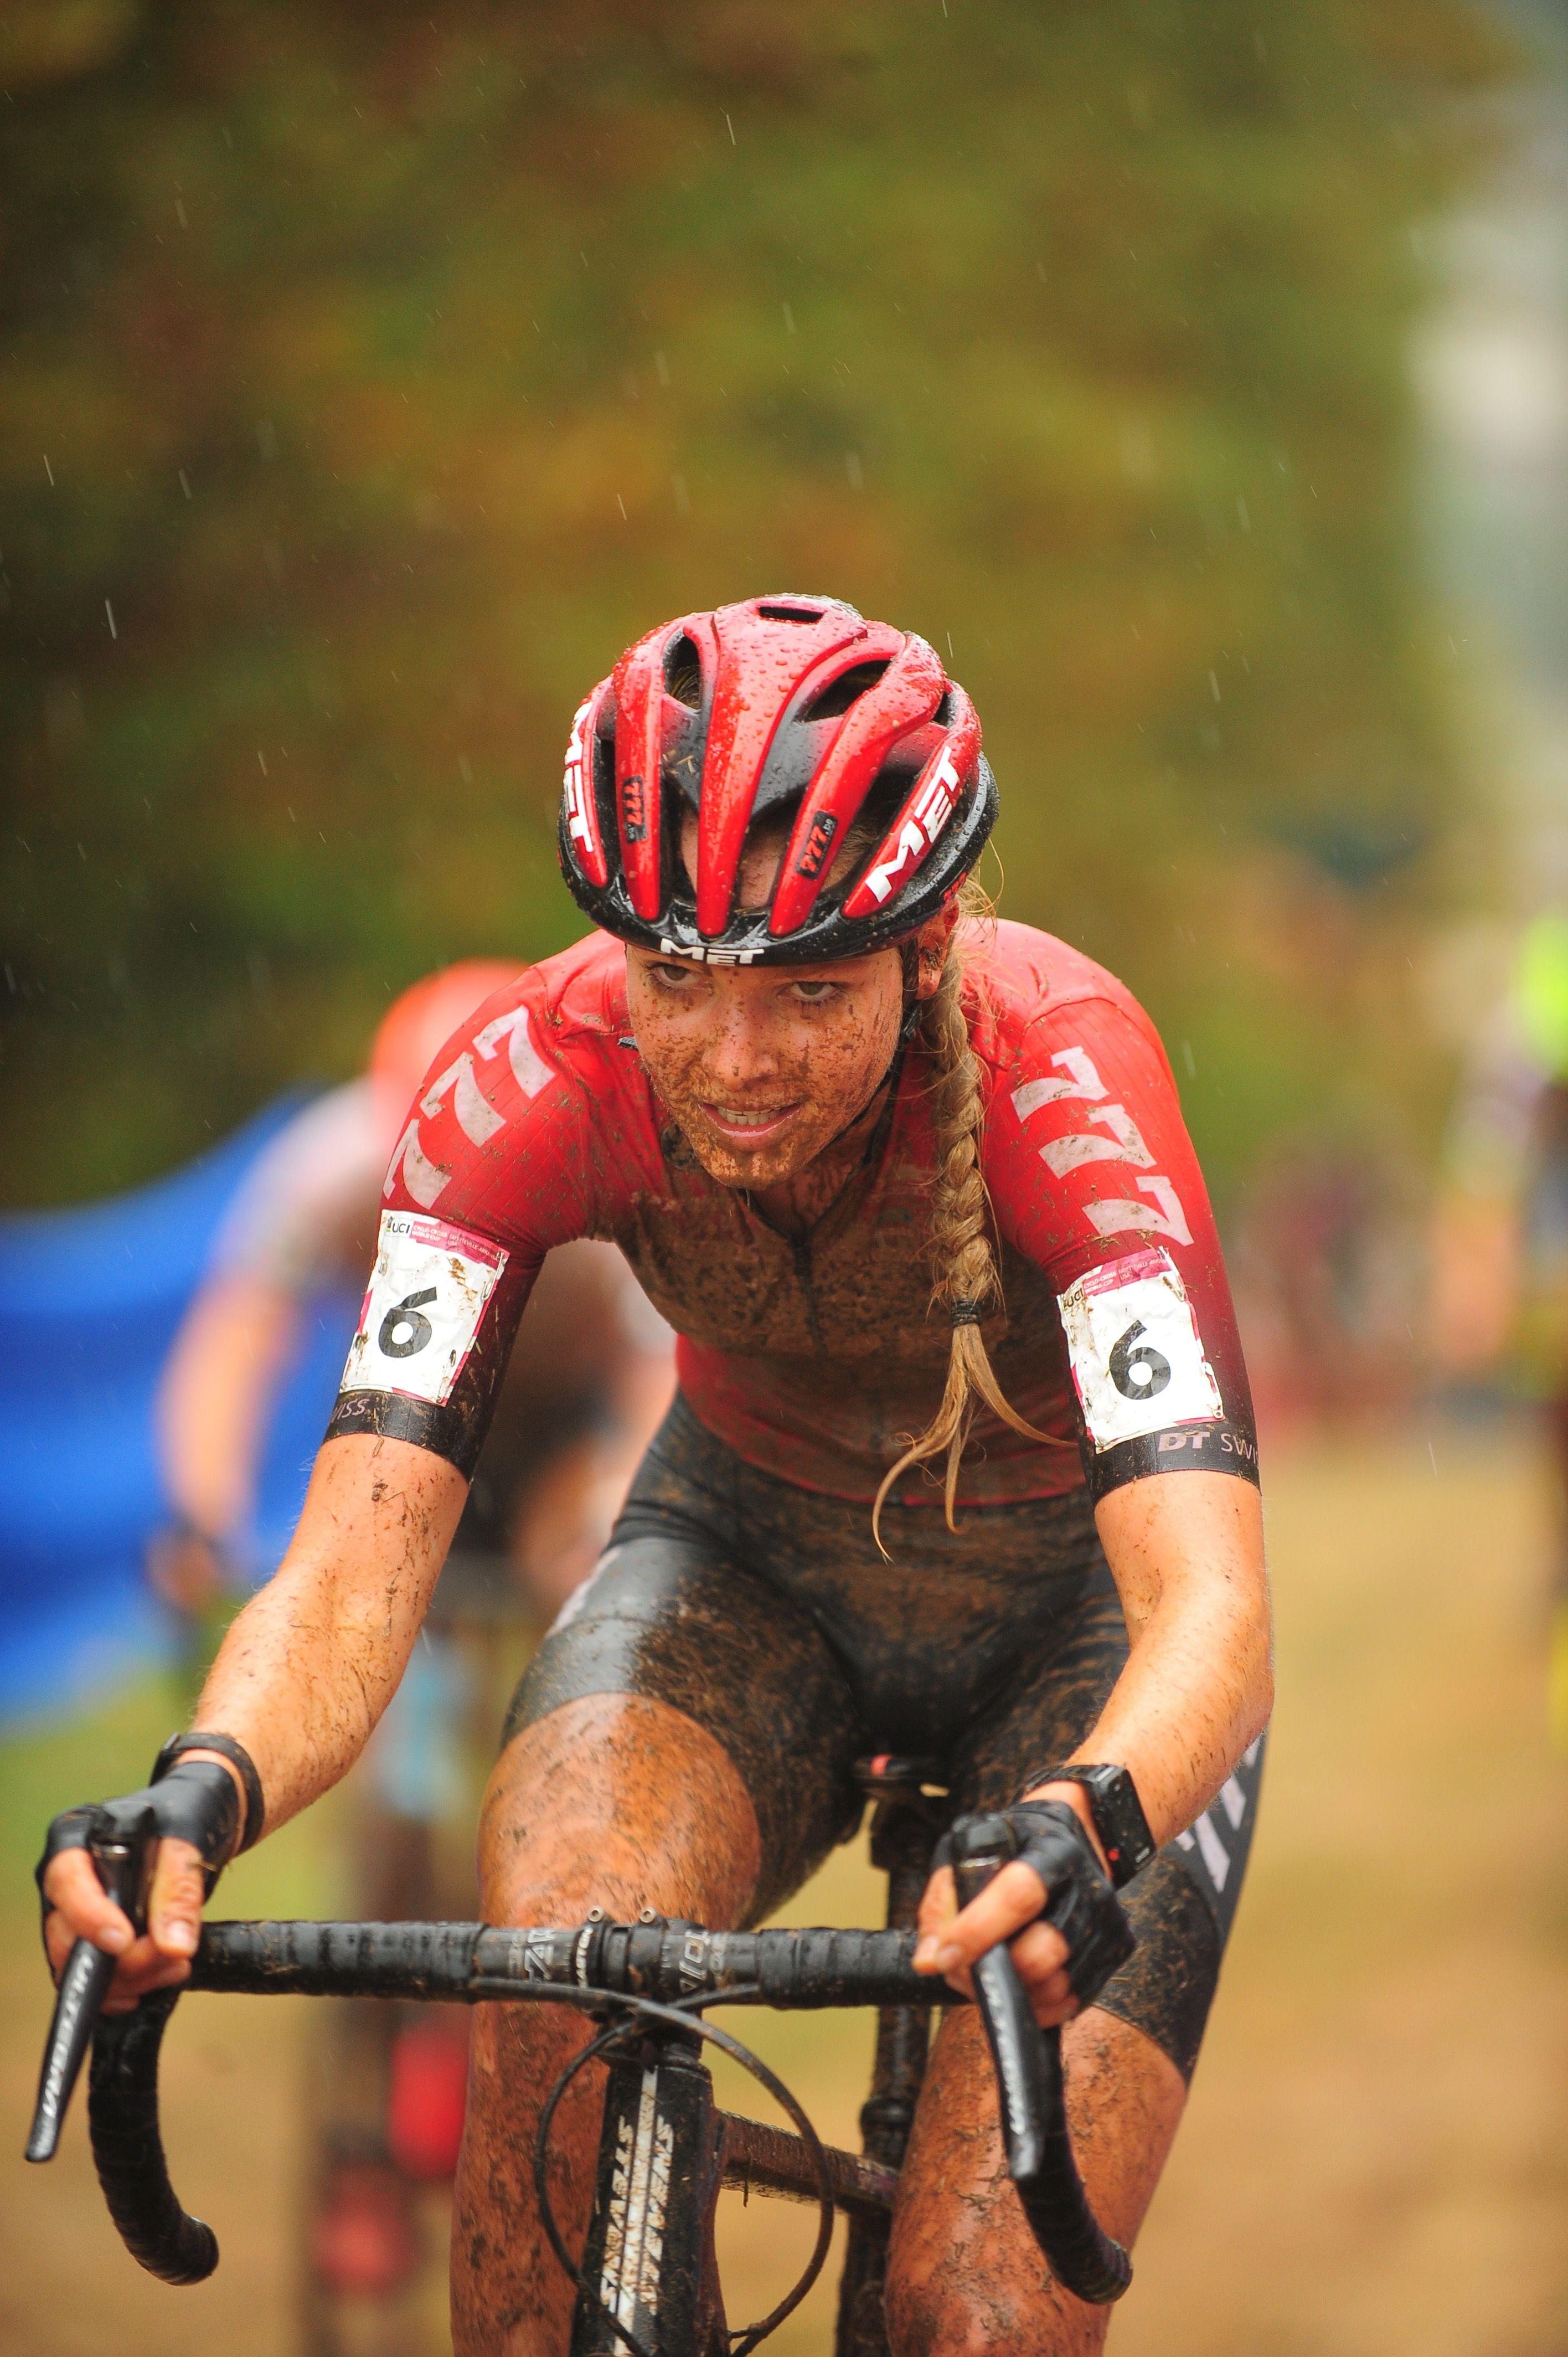 Photo of a muddy woman riding a bike.